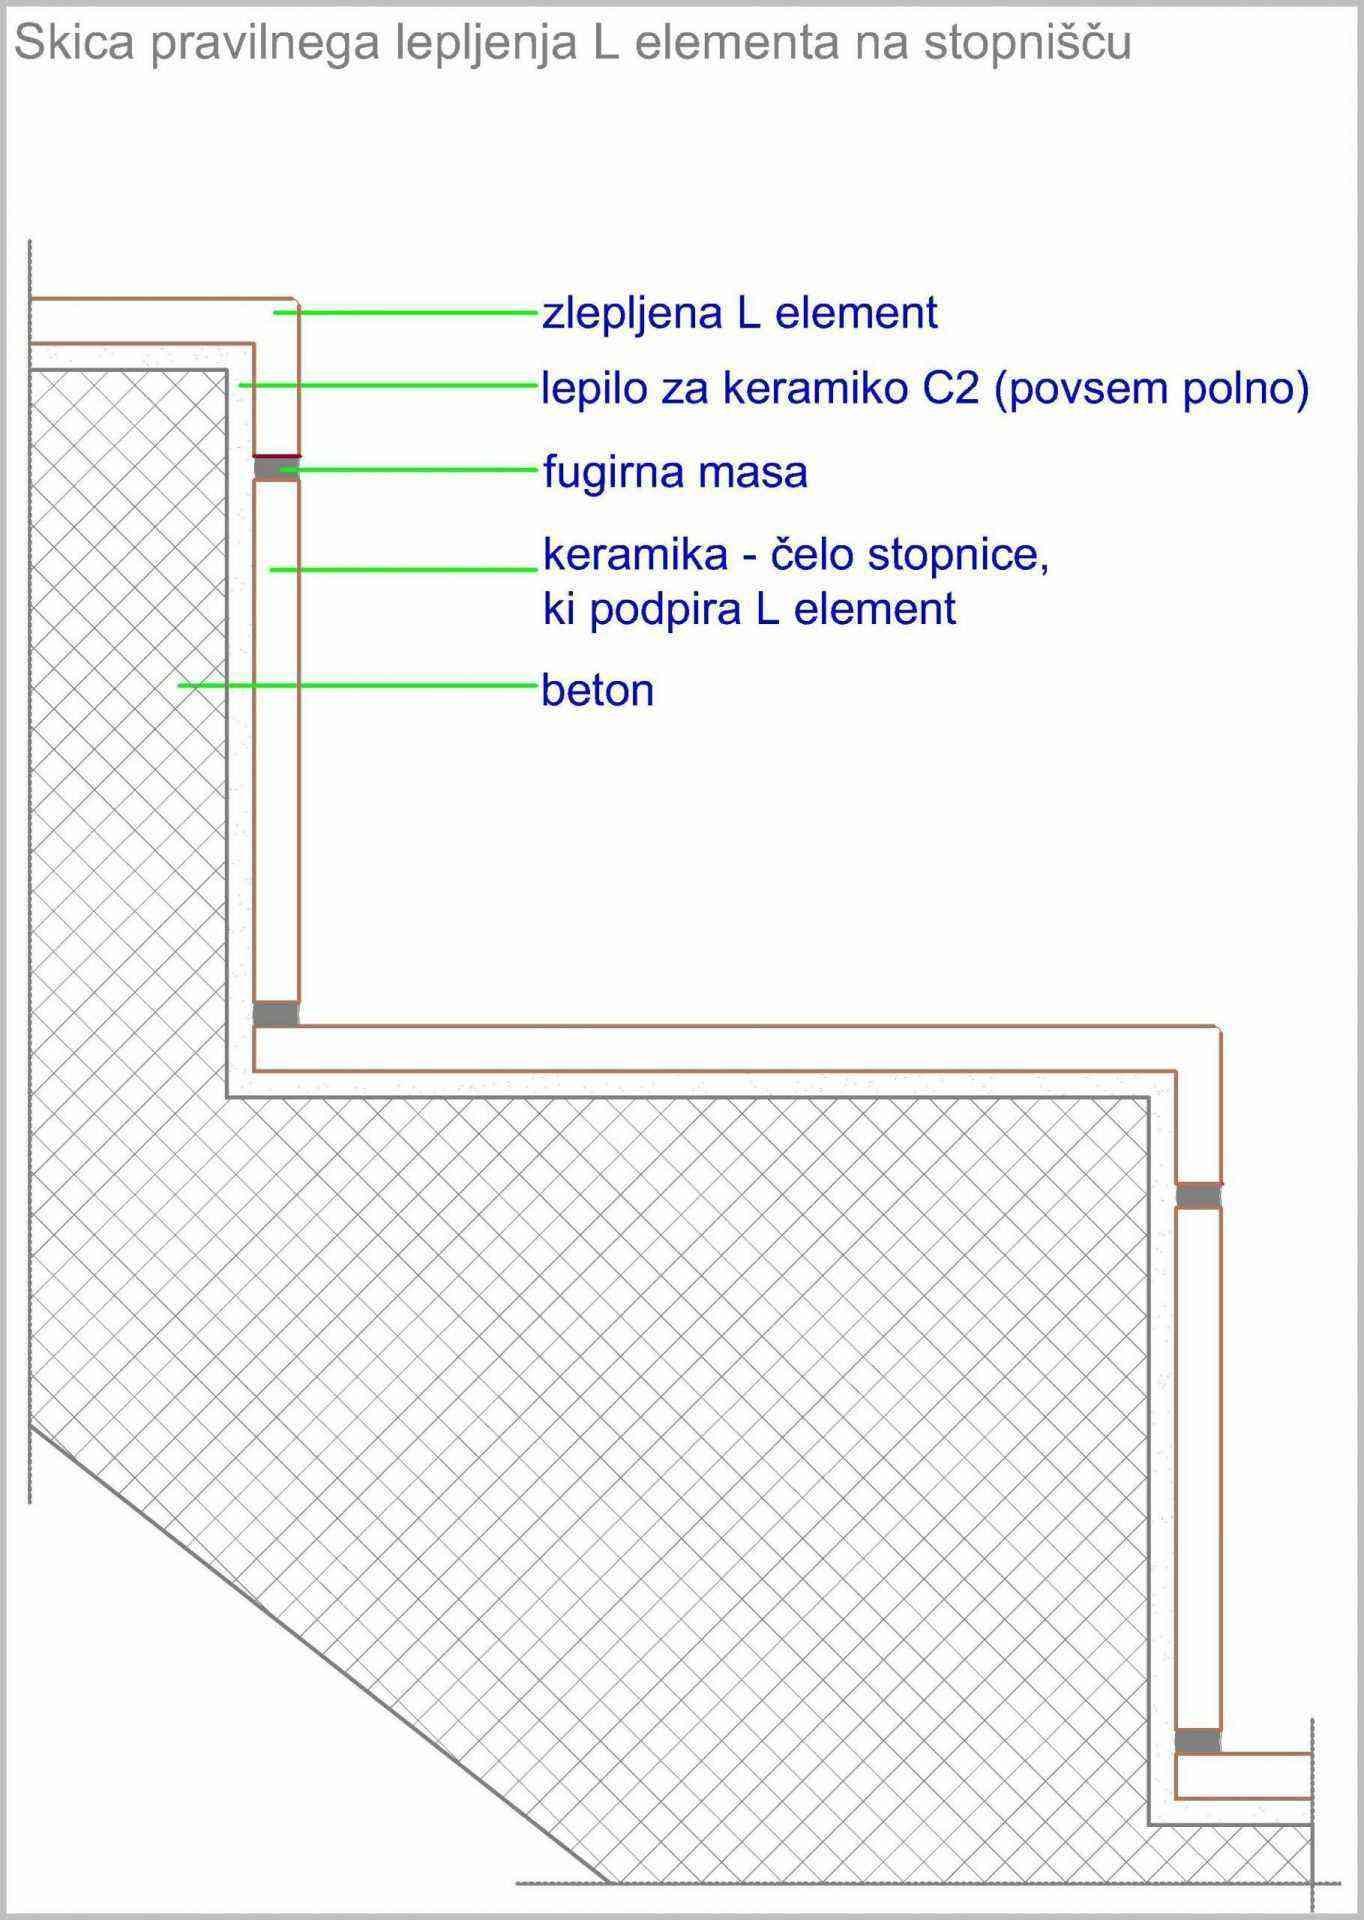 navodila za vgradnjo balkonska obroba na stopnici